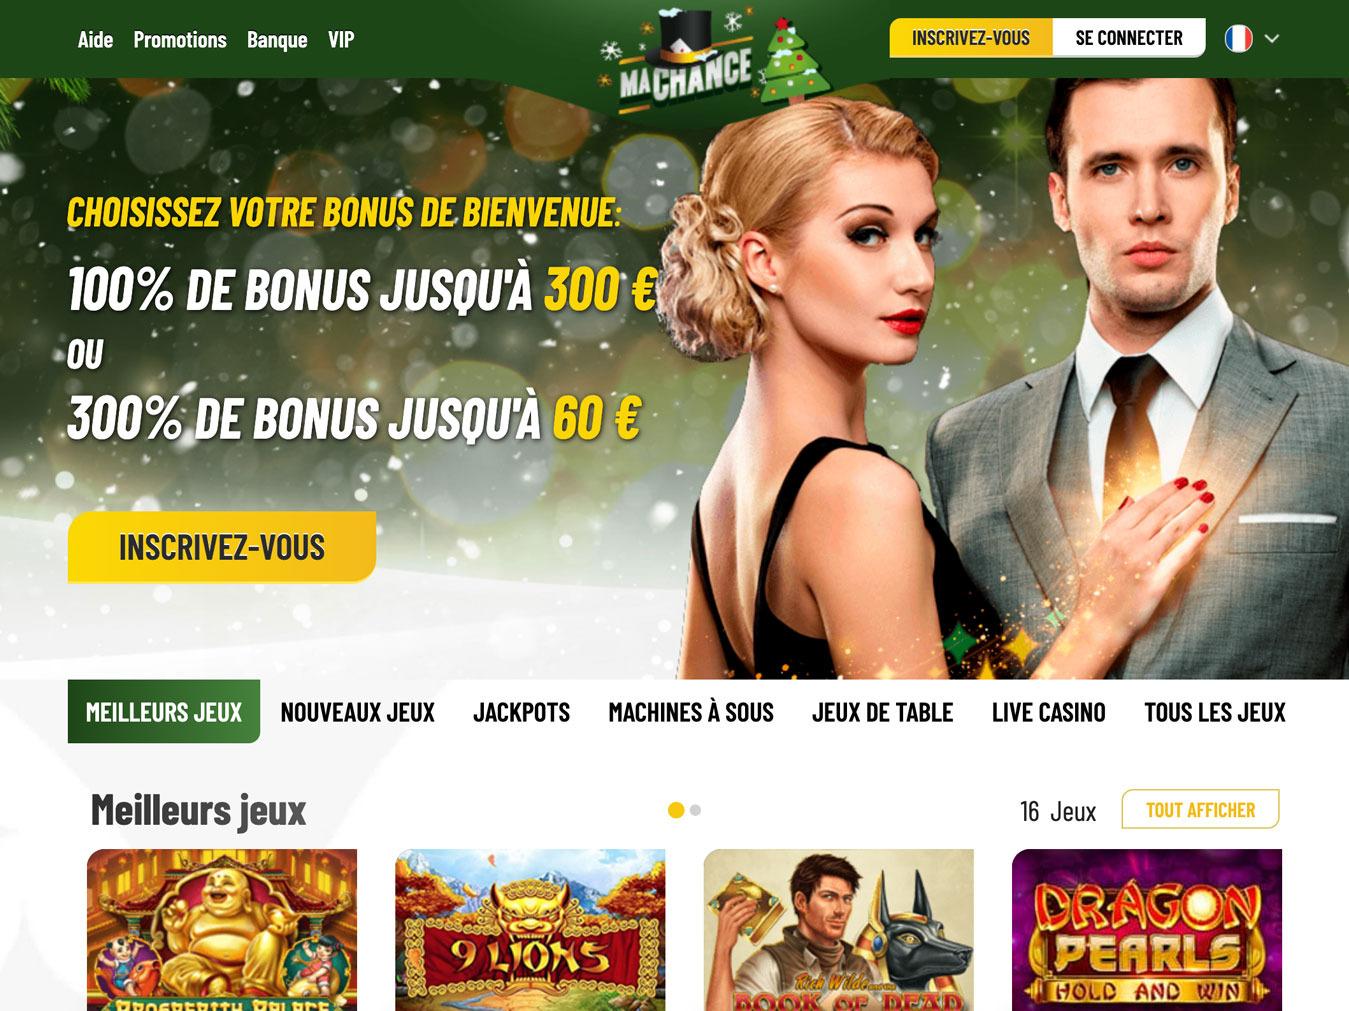 casino MaChance avis